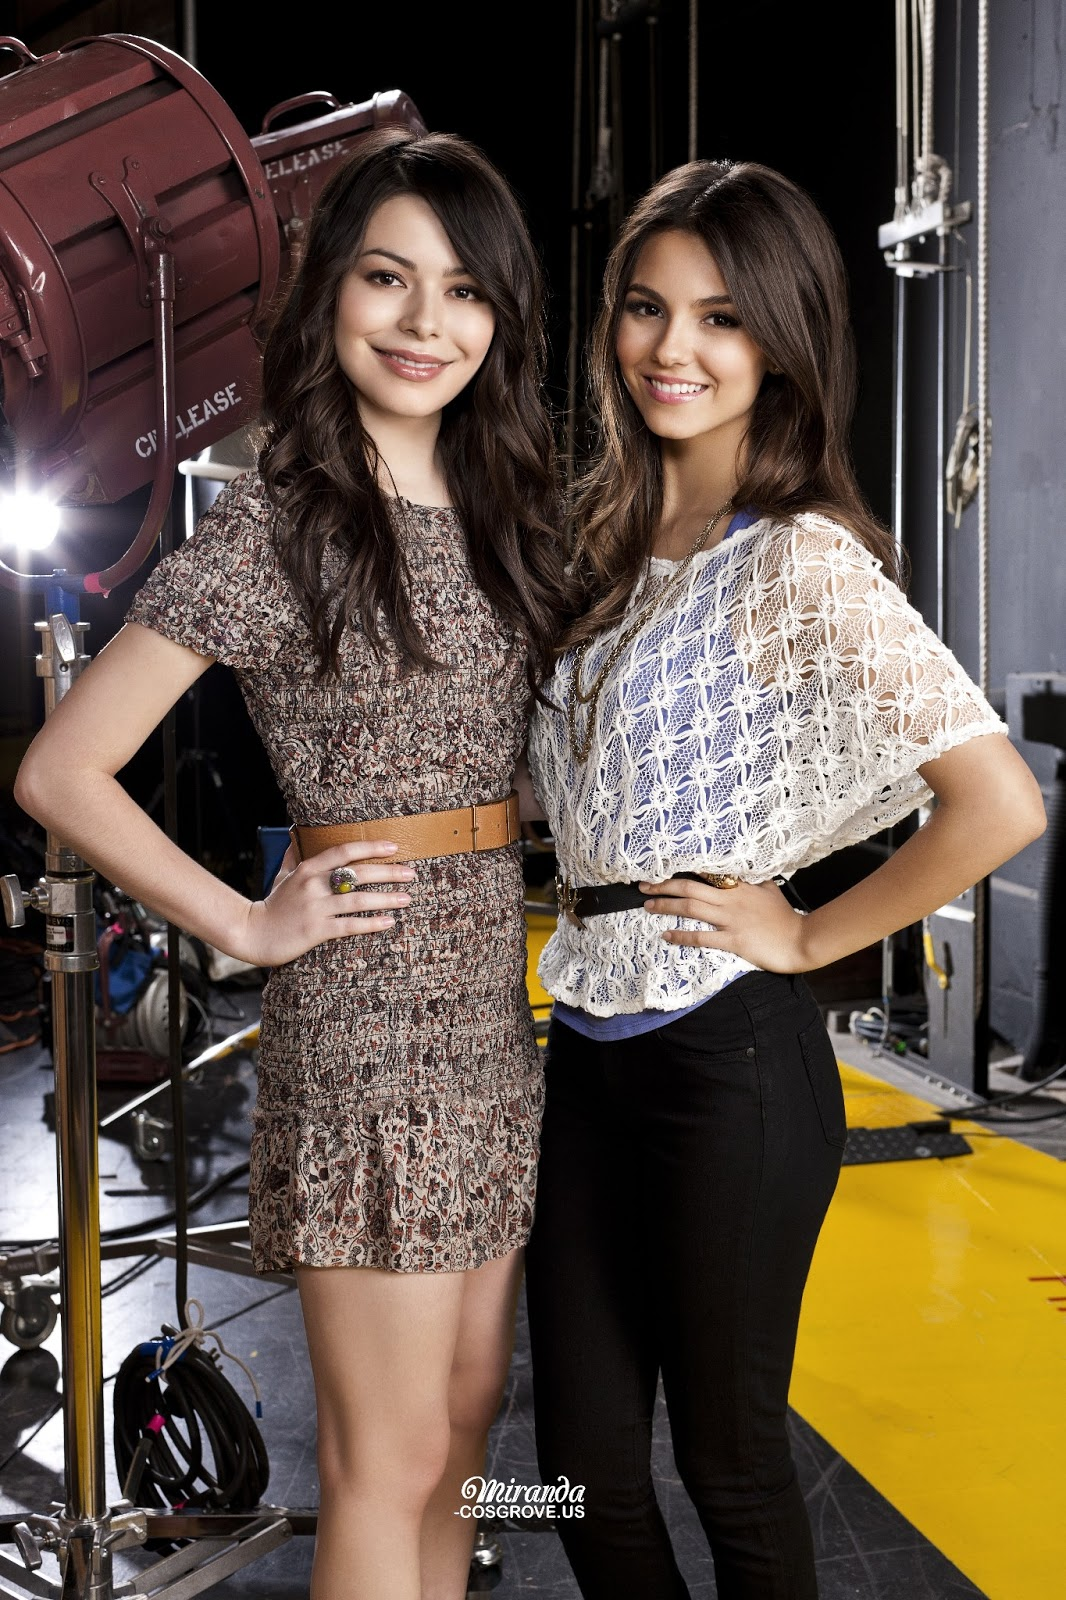 Dos chicas nuevas en la mansion de nacho vidal - 3 part 9